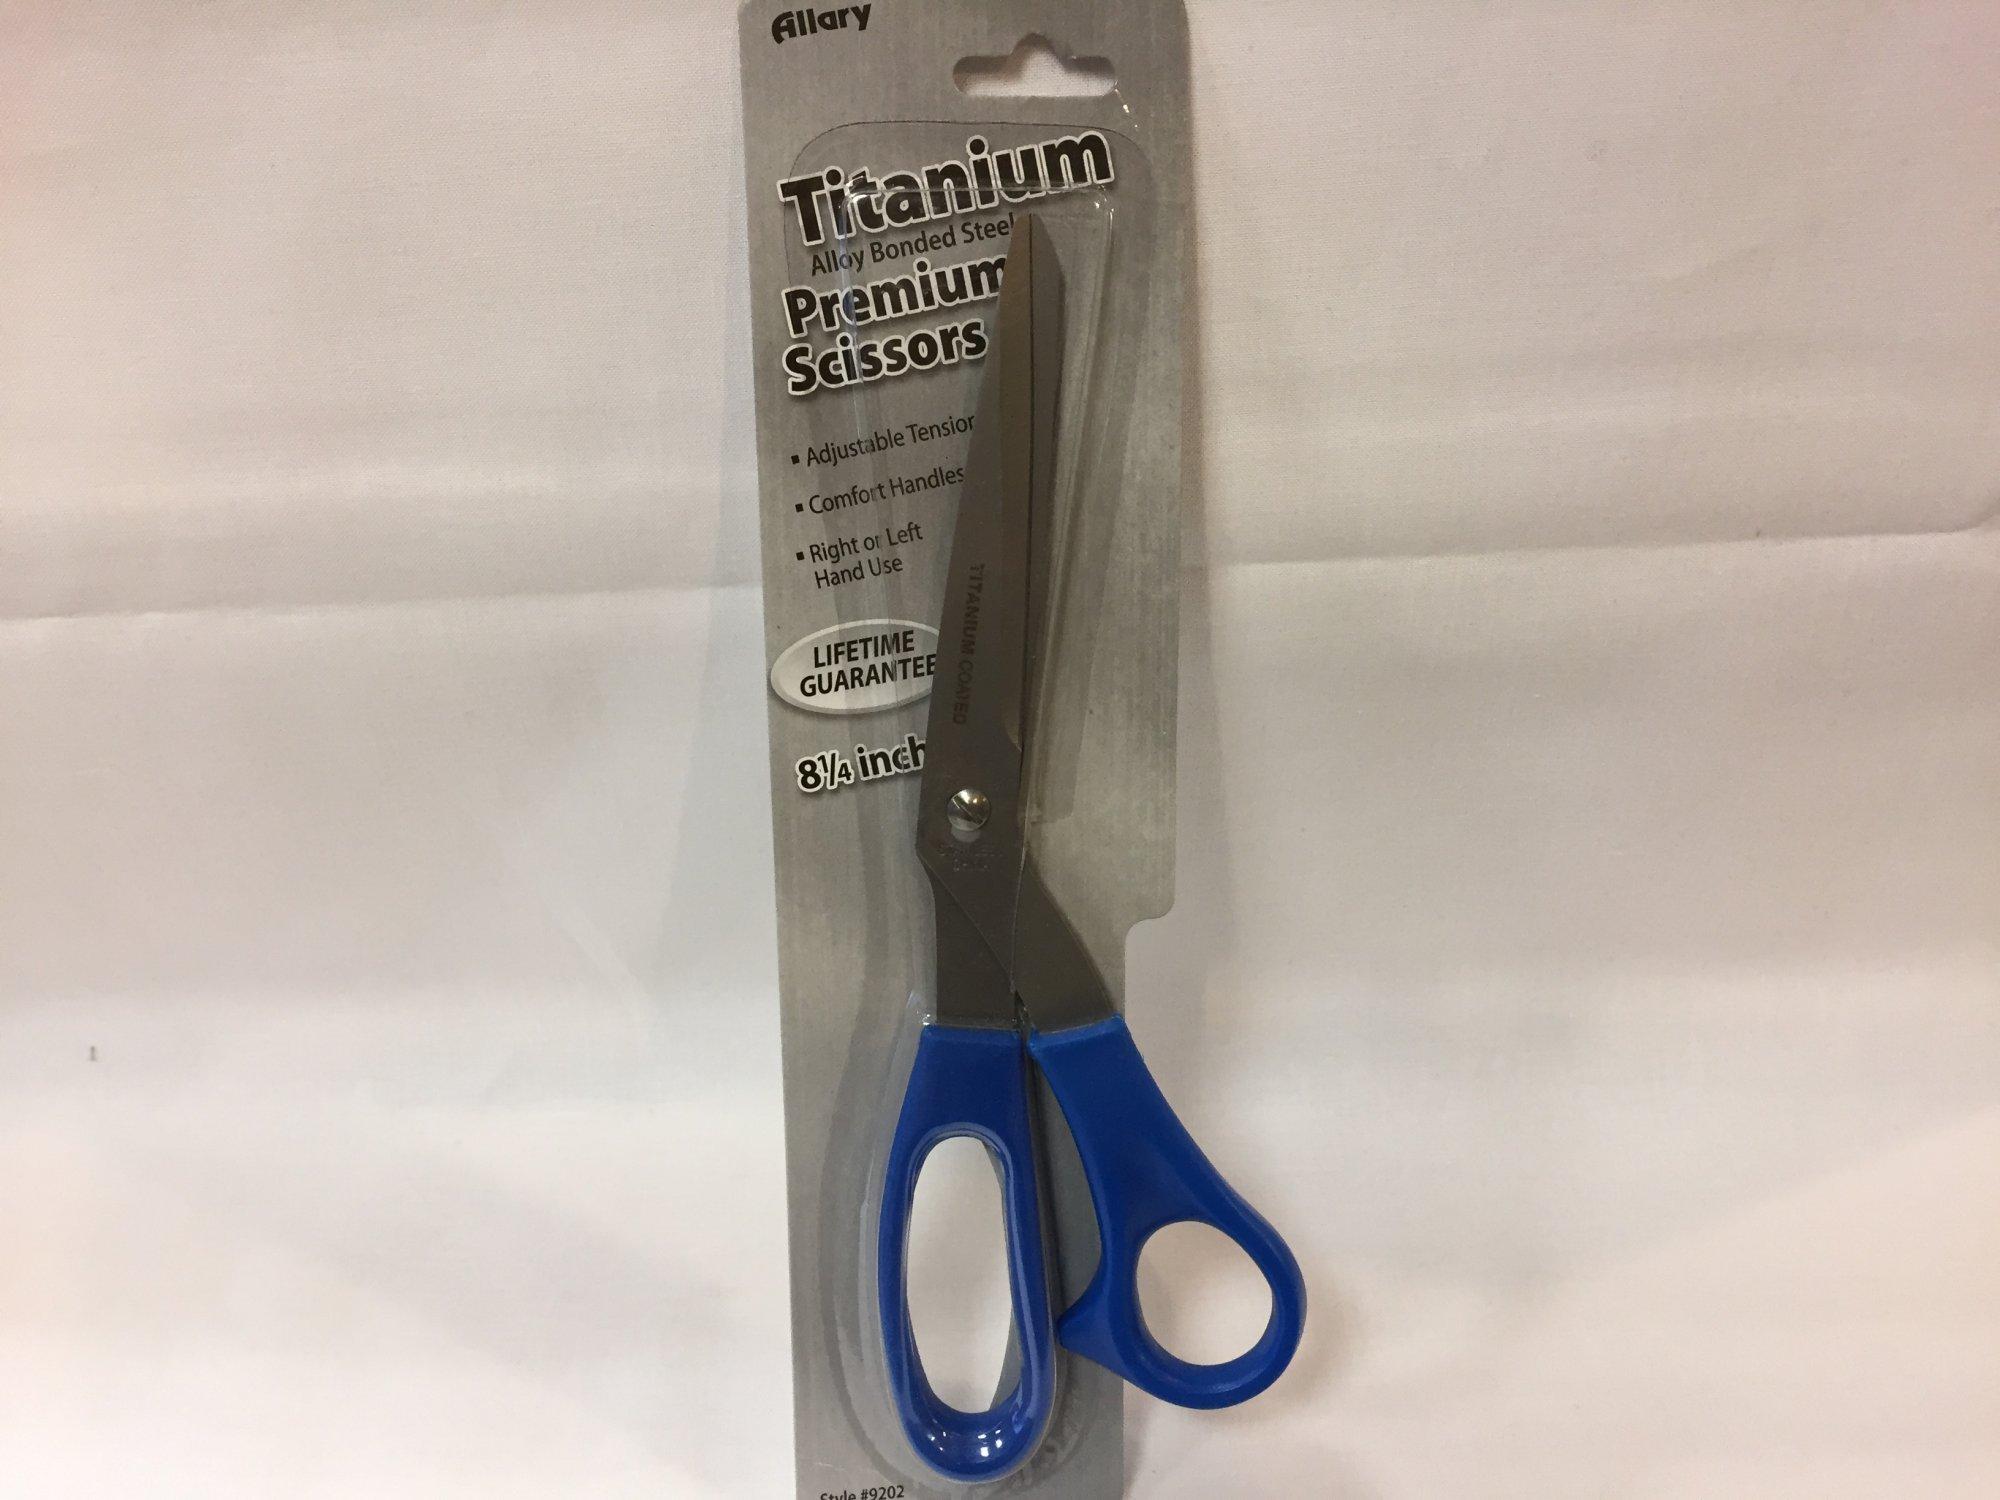 Titanium Premium Scissors